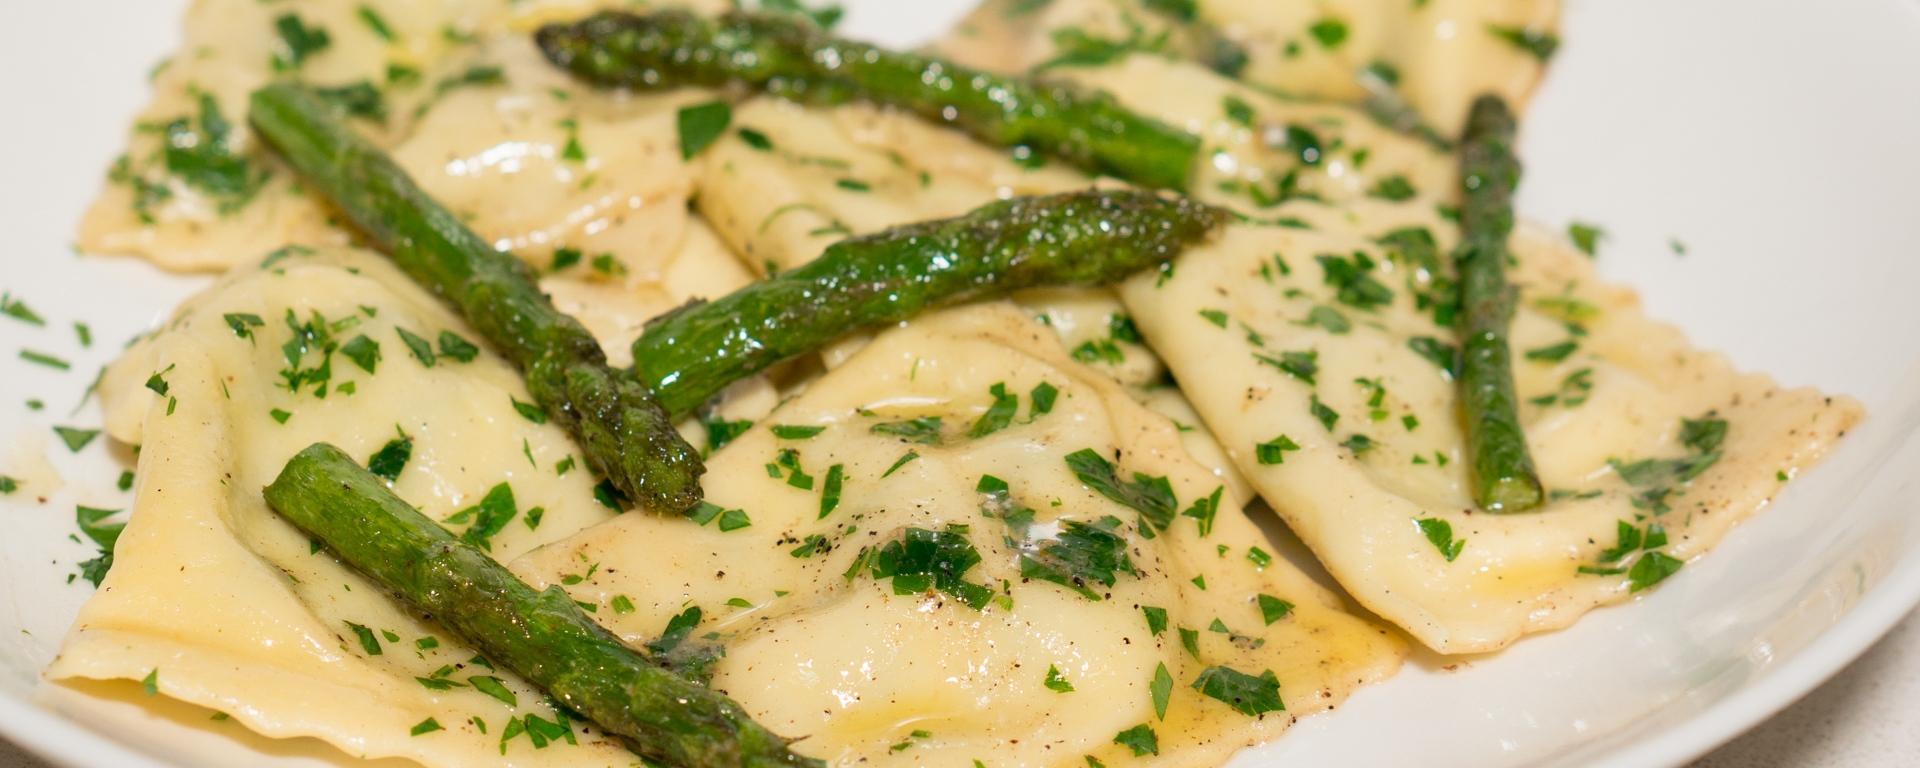 Asparagus and Goat Cheese Ravioli (Ravioli agli Asparagi e